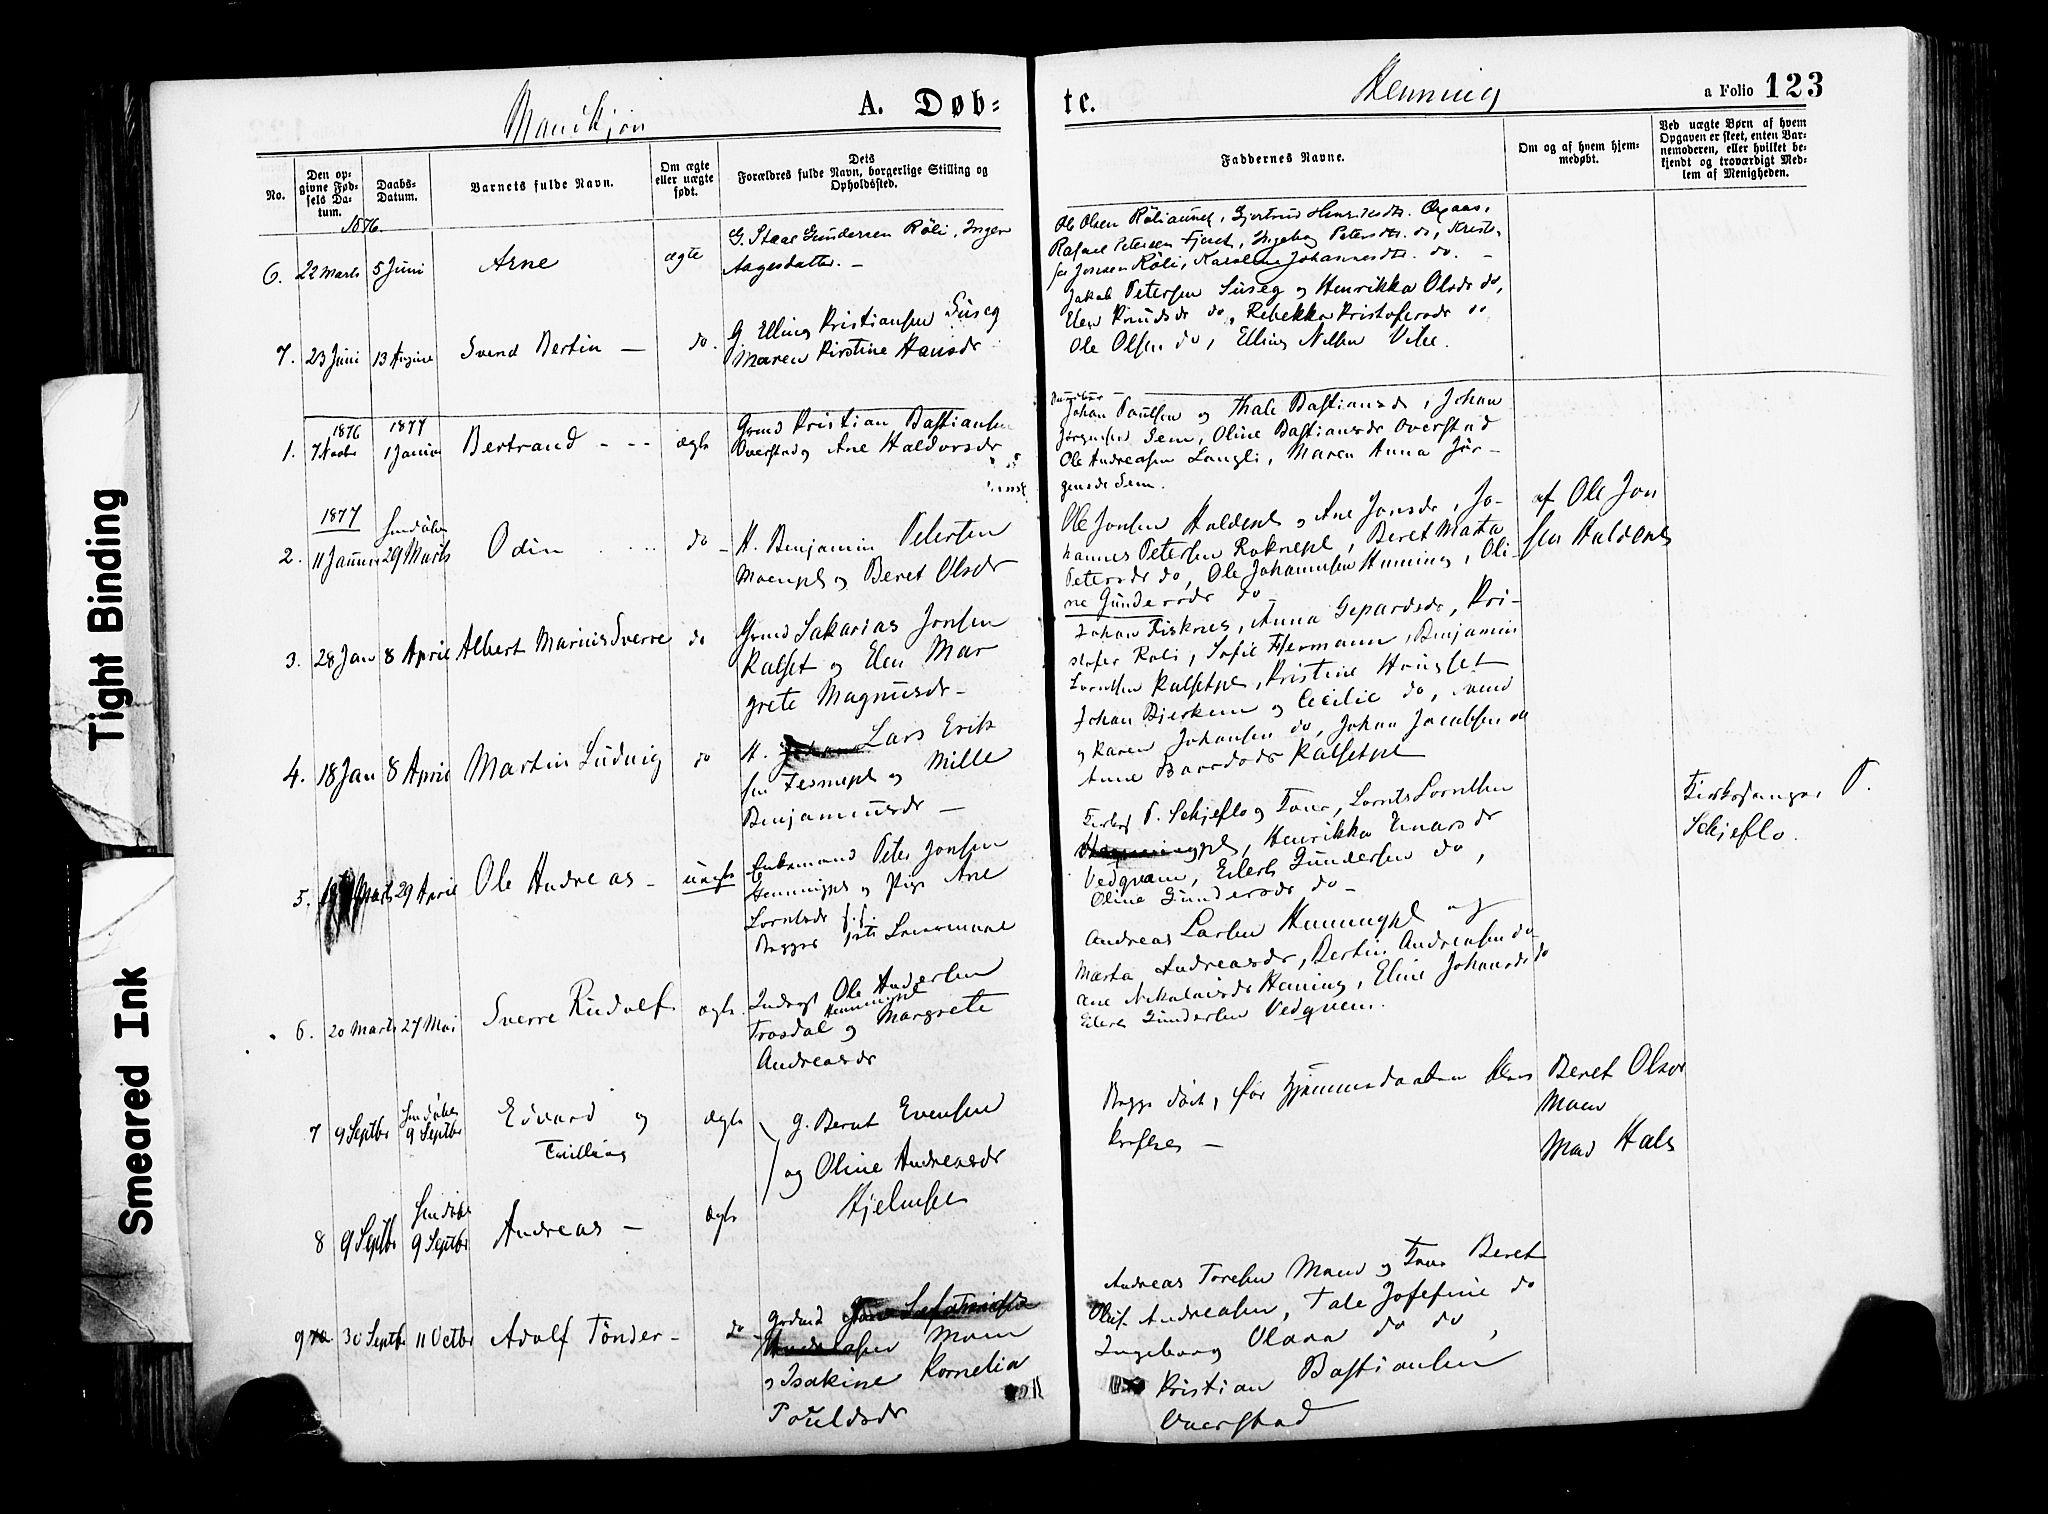 SAT, Ministerialprotokoller, klokkerbøker og fødselsregistre - Nord-Trøndelag, 735/L0348: Ministerialbok nr. 735A09 /3, 1873-1883, s. 123